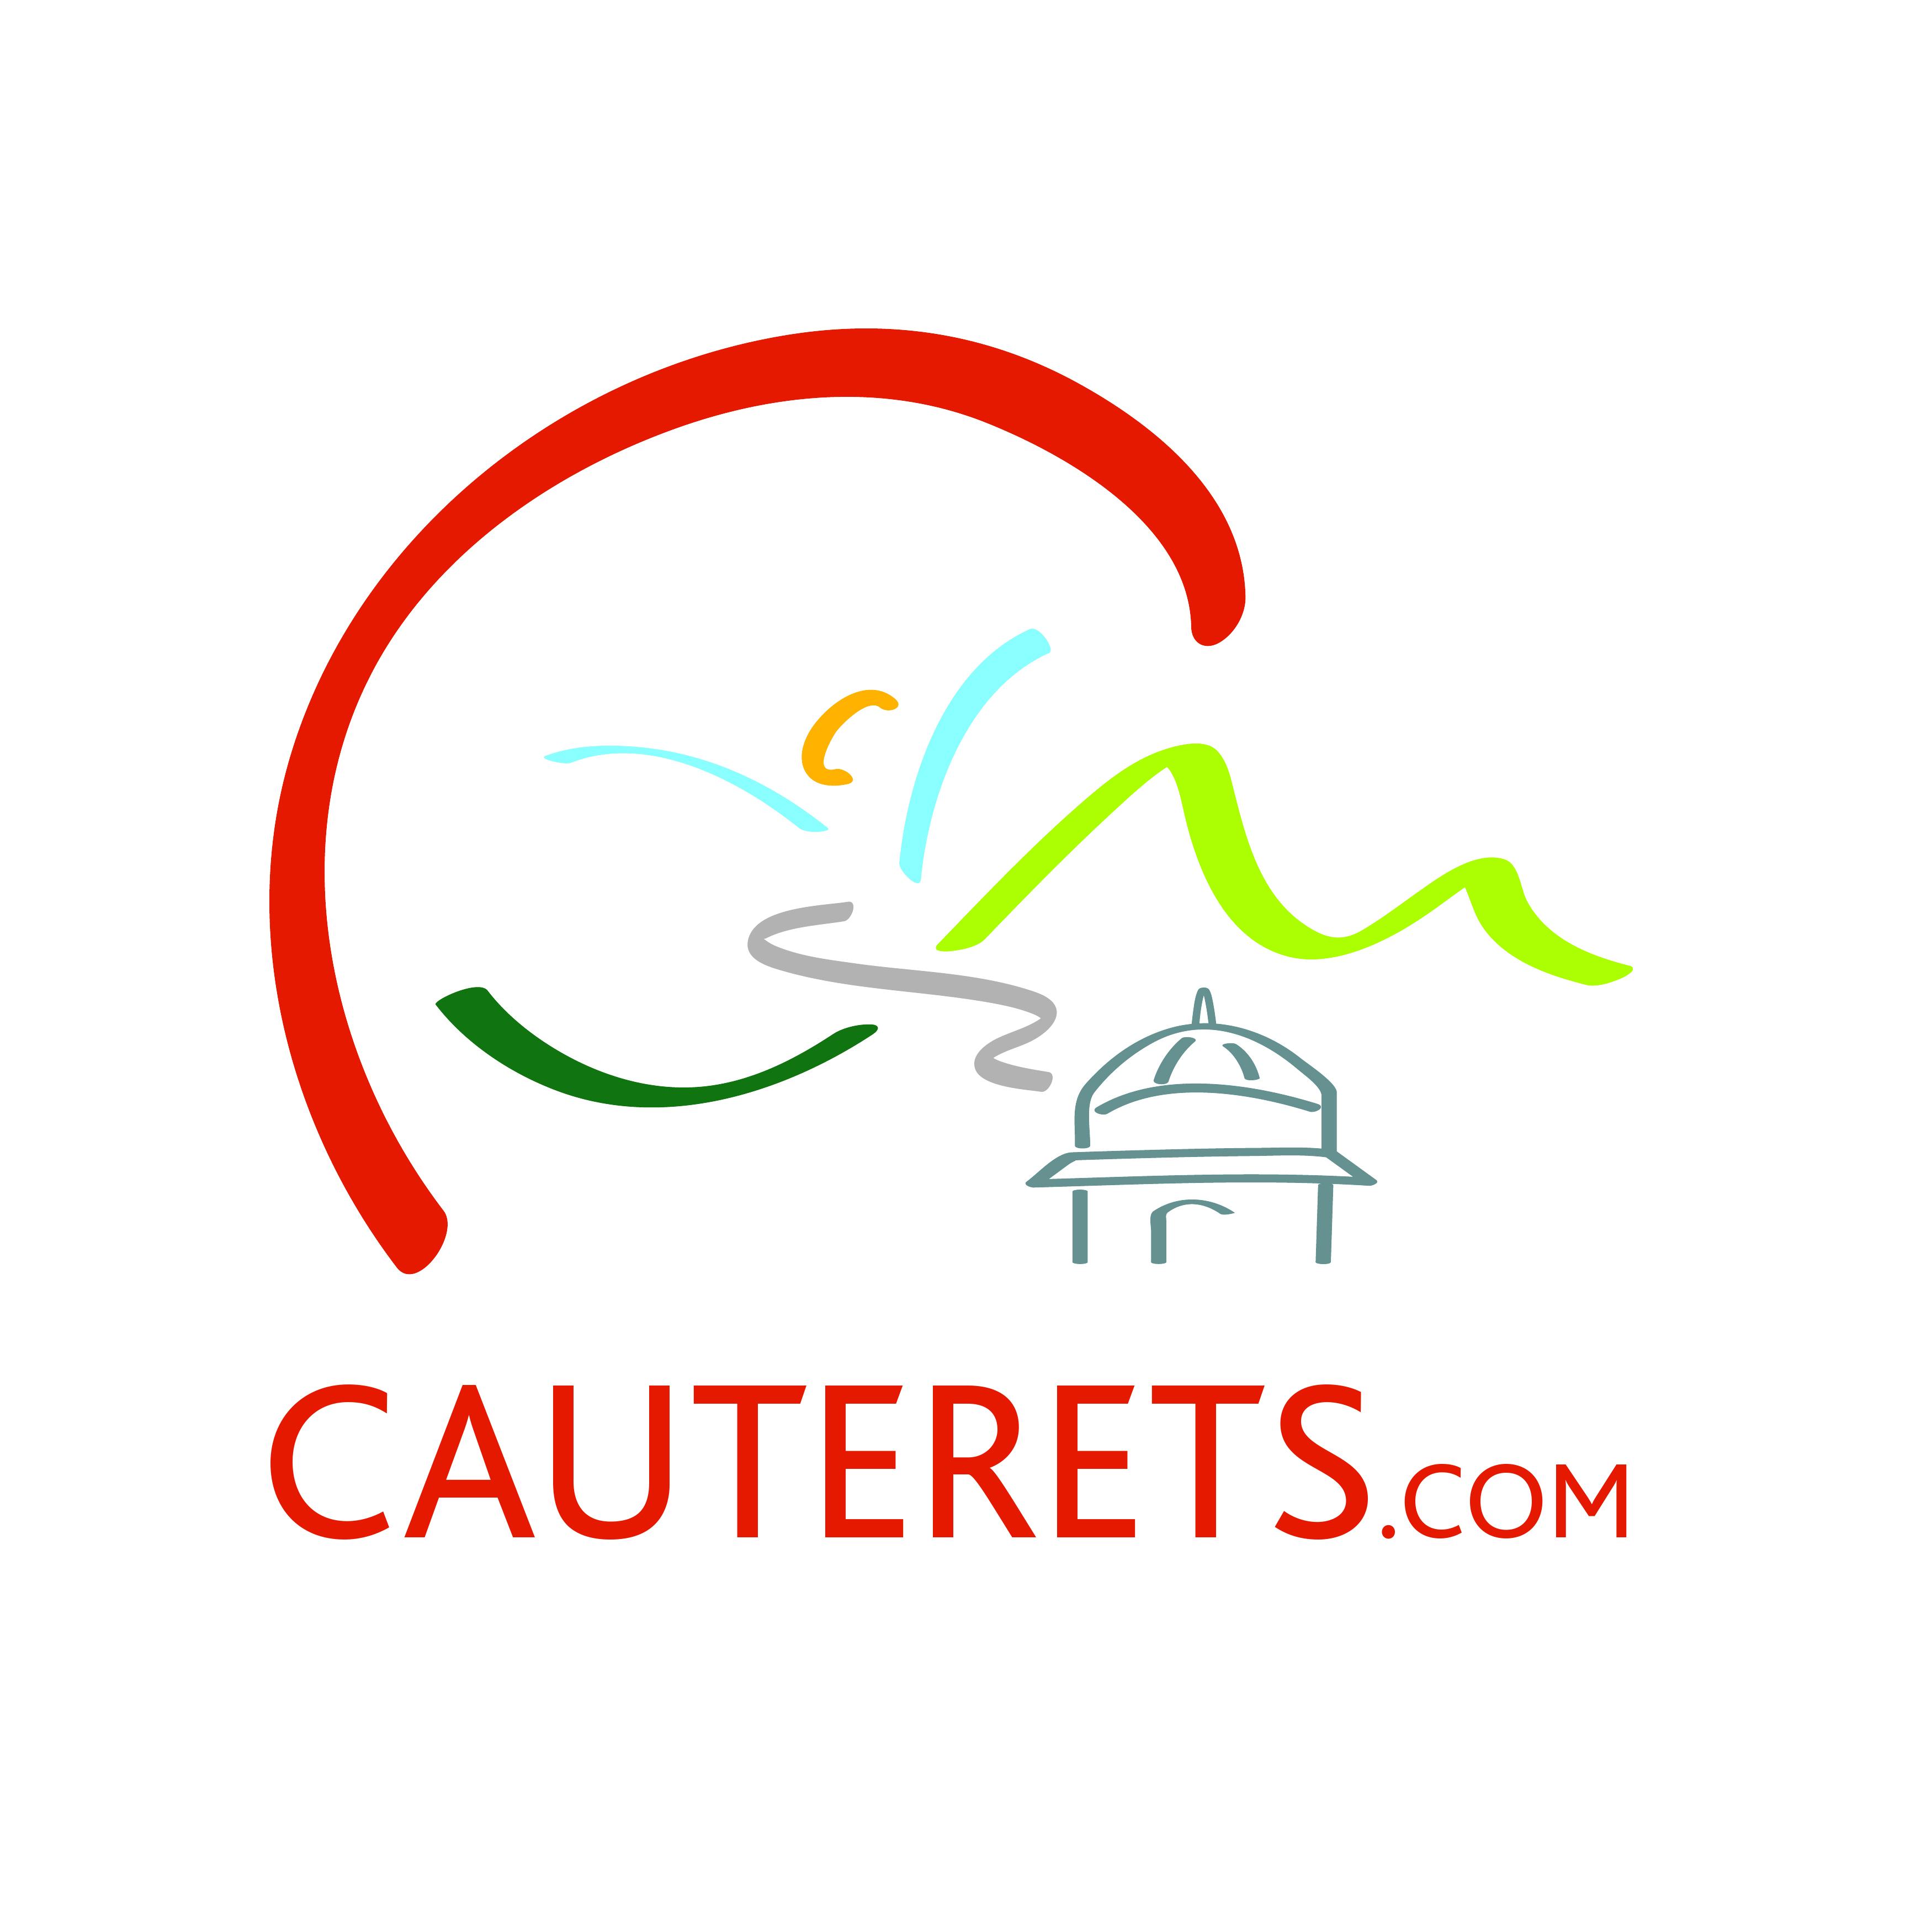 Cauterets logo